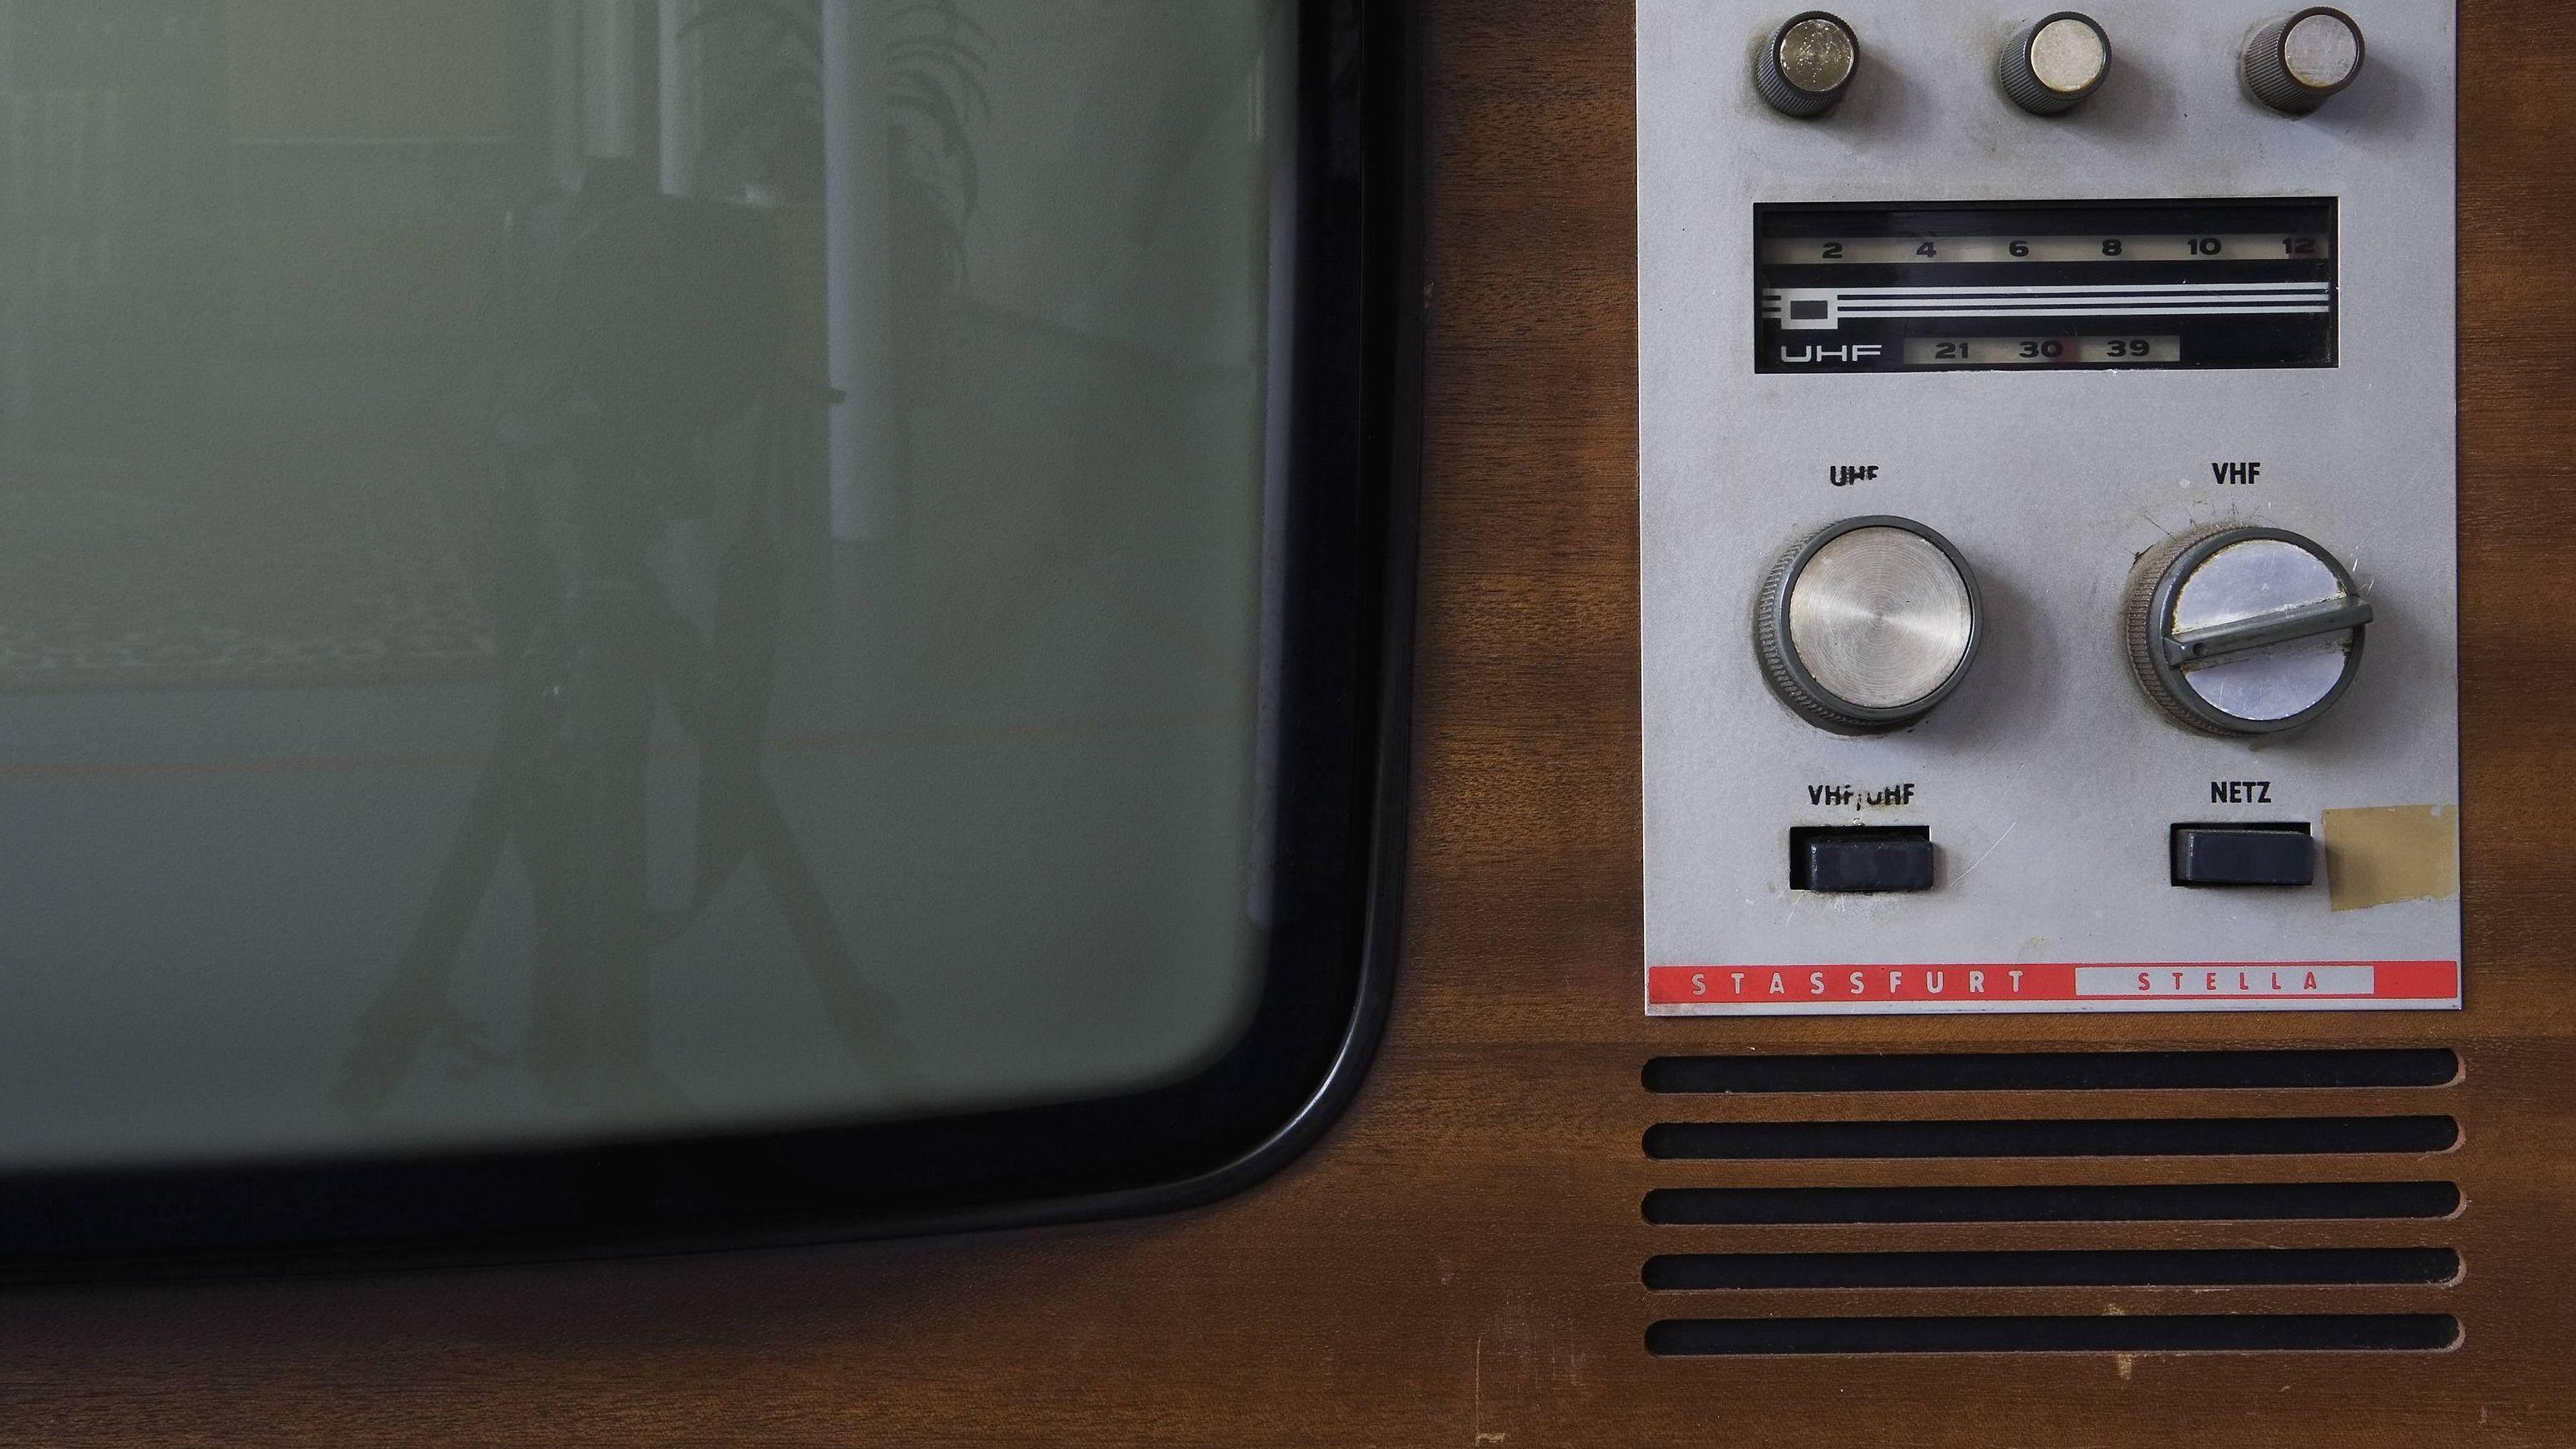 """DDR-Fernseher """"Stassfurt Stella"""""""